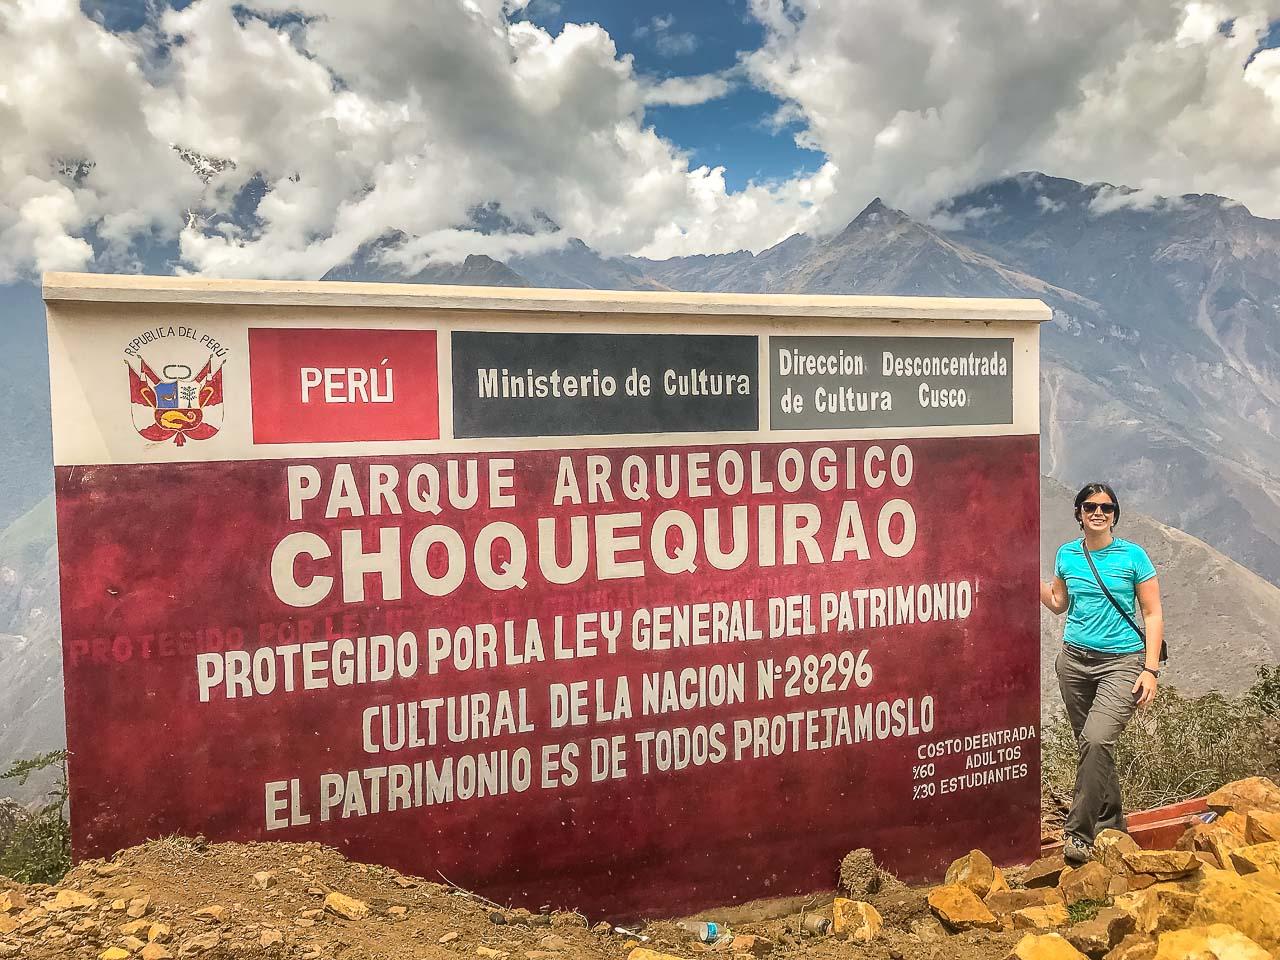 Inicio do Trekking em Capuliyoc que leva até Choquequirao